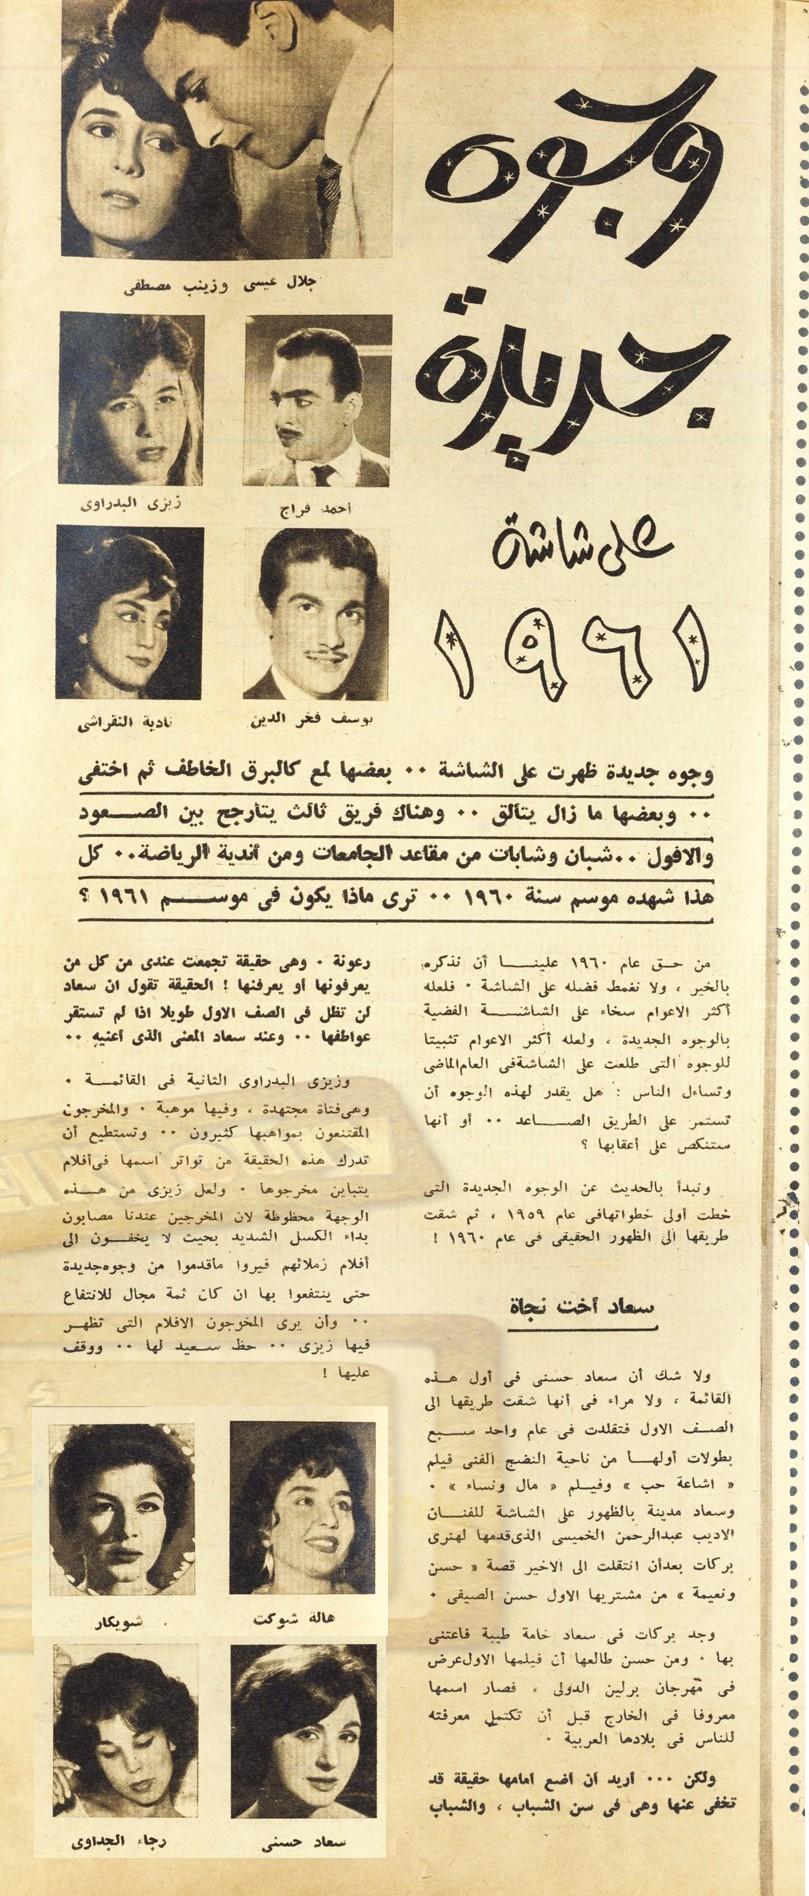 مقال صحفي : وجوه جديدة على شاشة 1961 م Iyi_yc11